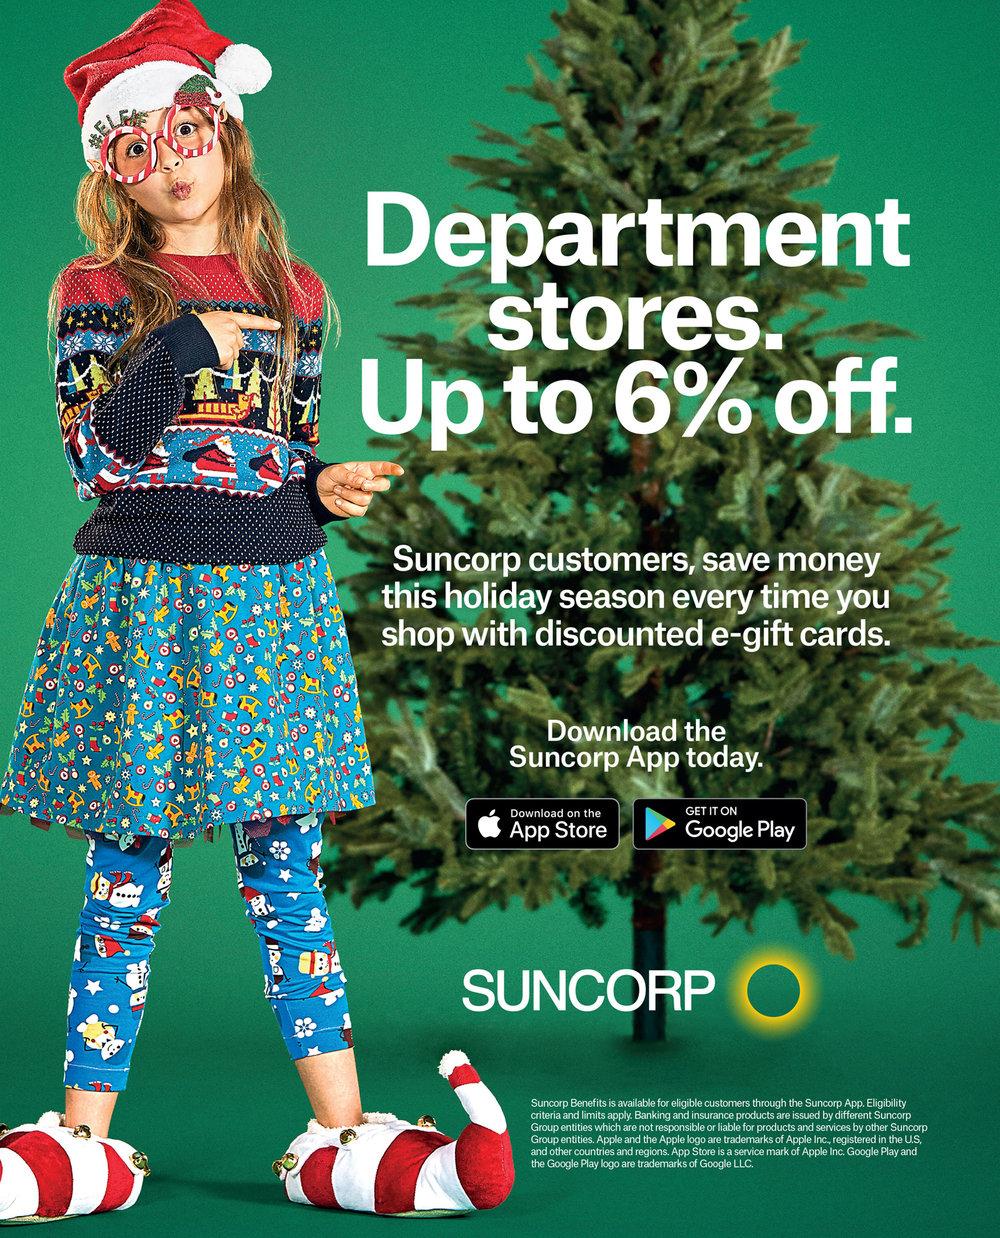 Client: Suncorp Agency: Publicis